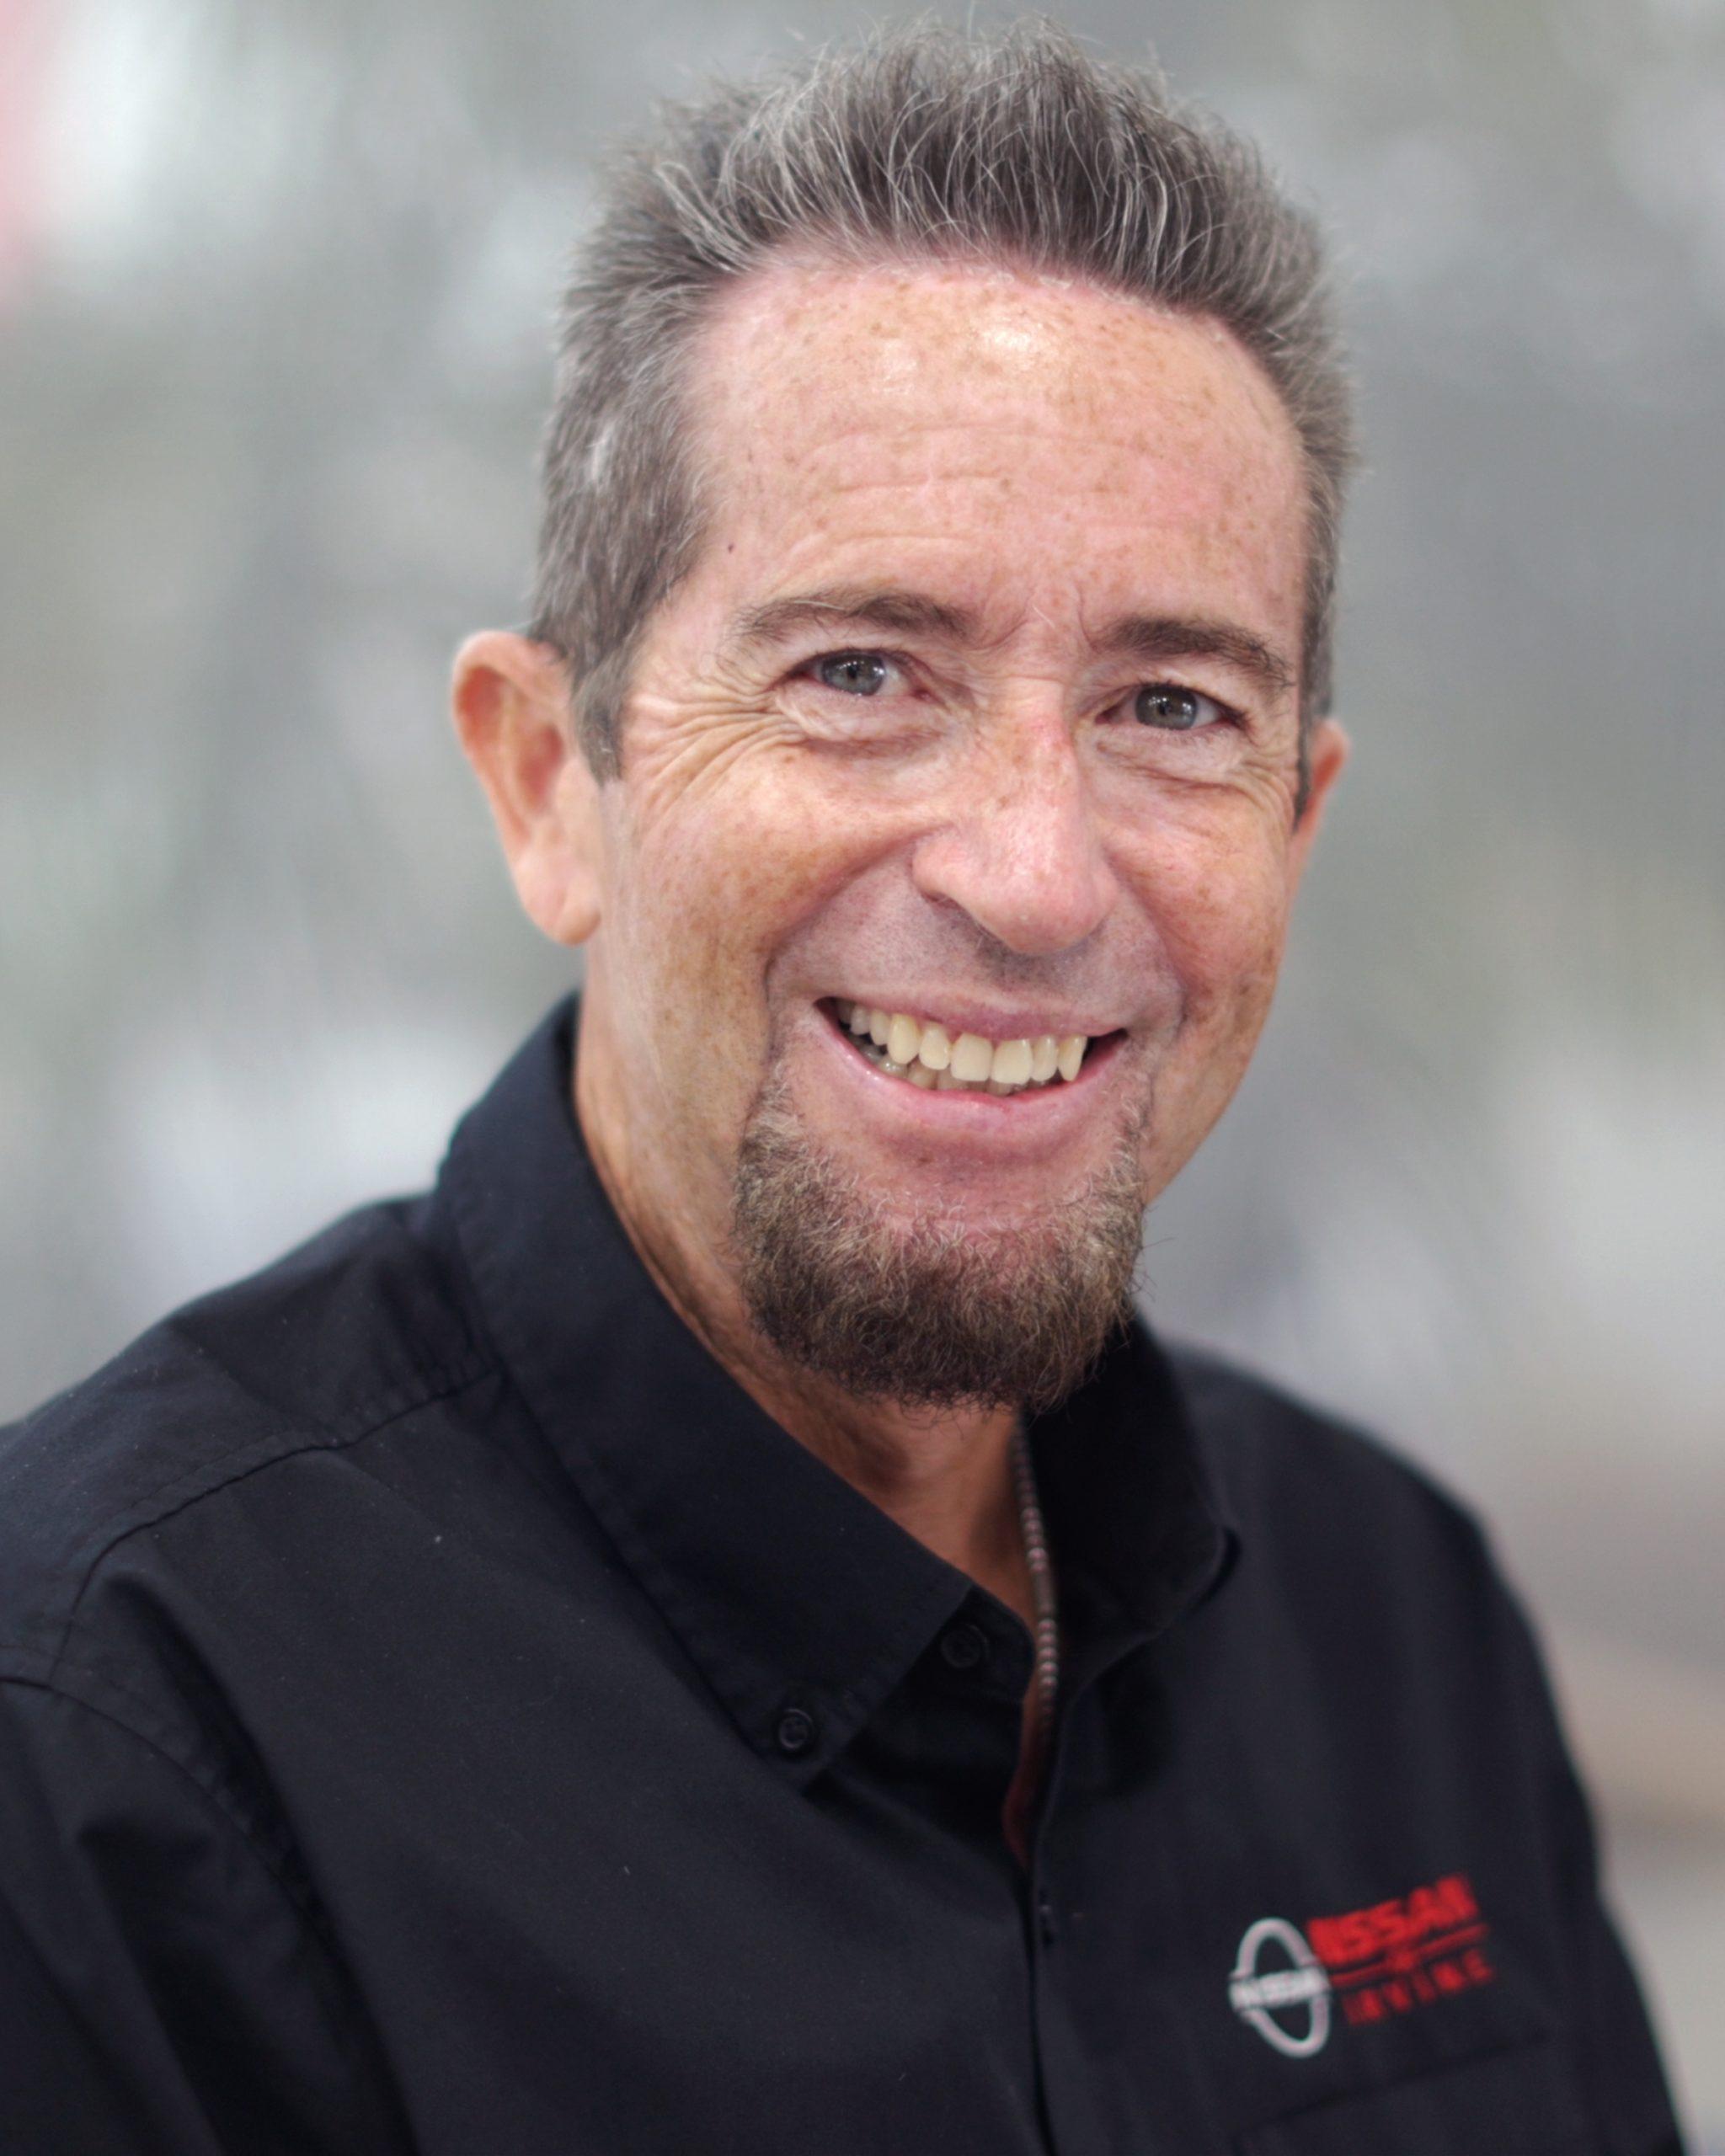 Richard Willison